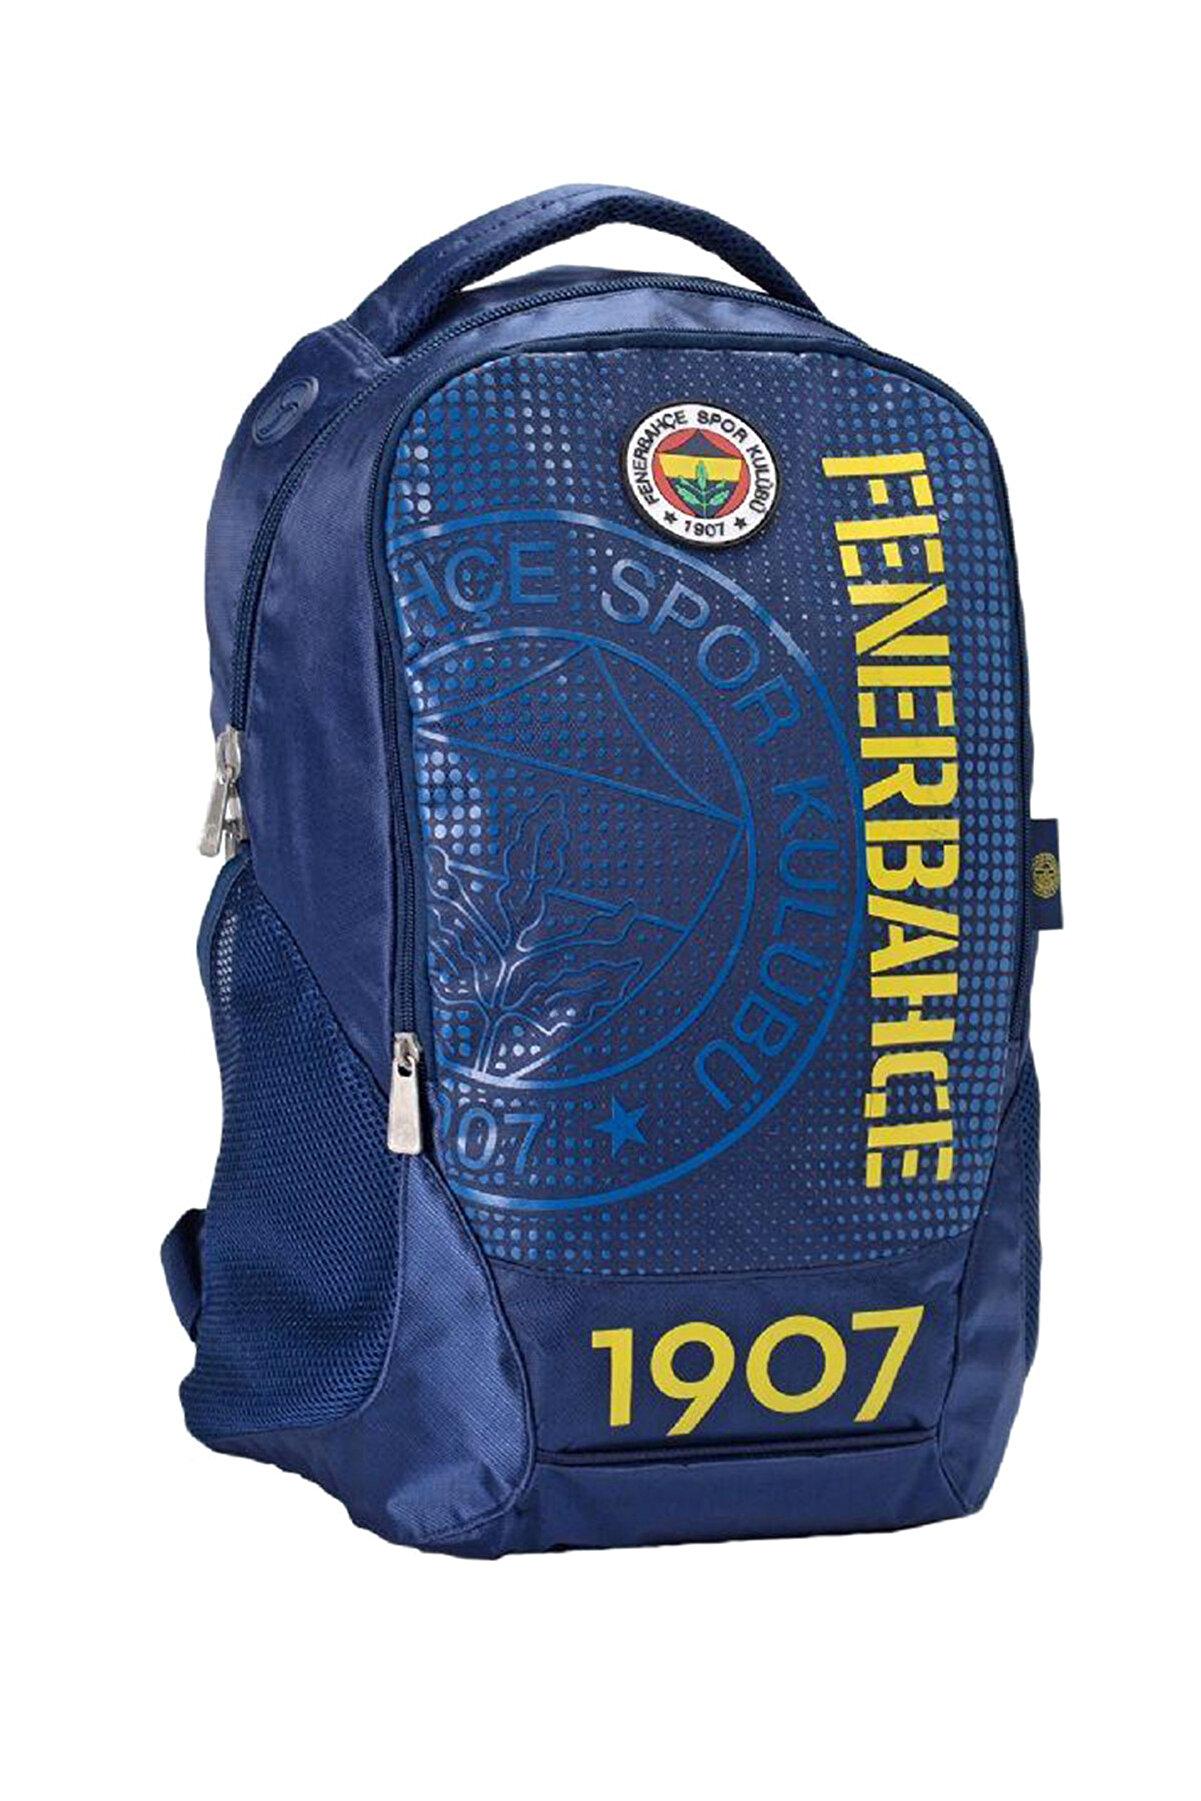 Fenerbahçe FB 87022 Lacivert Unisex Sırt Çantası 100290248